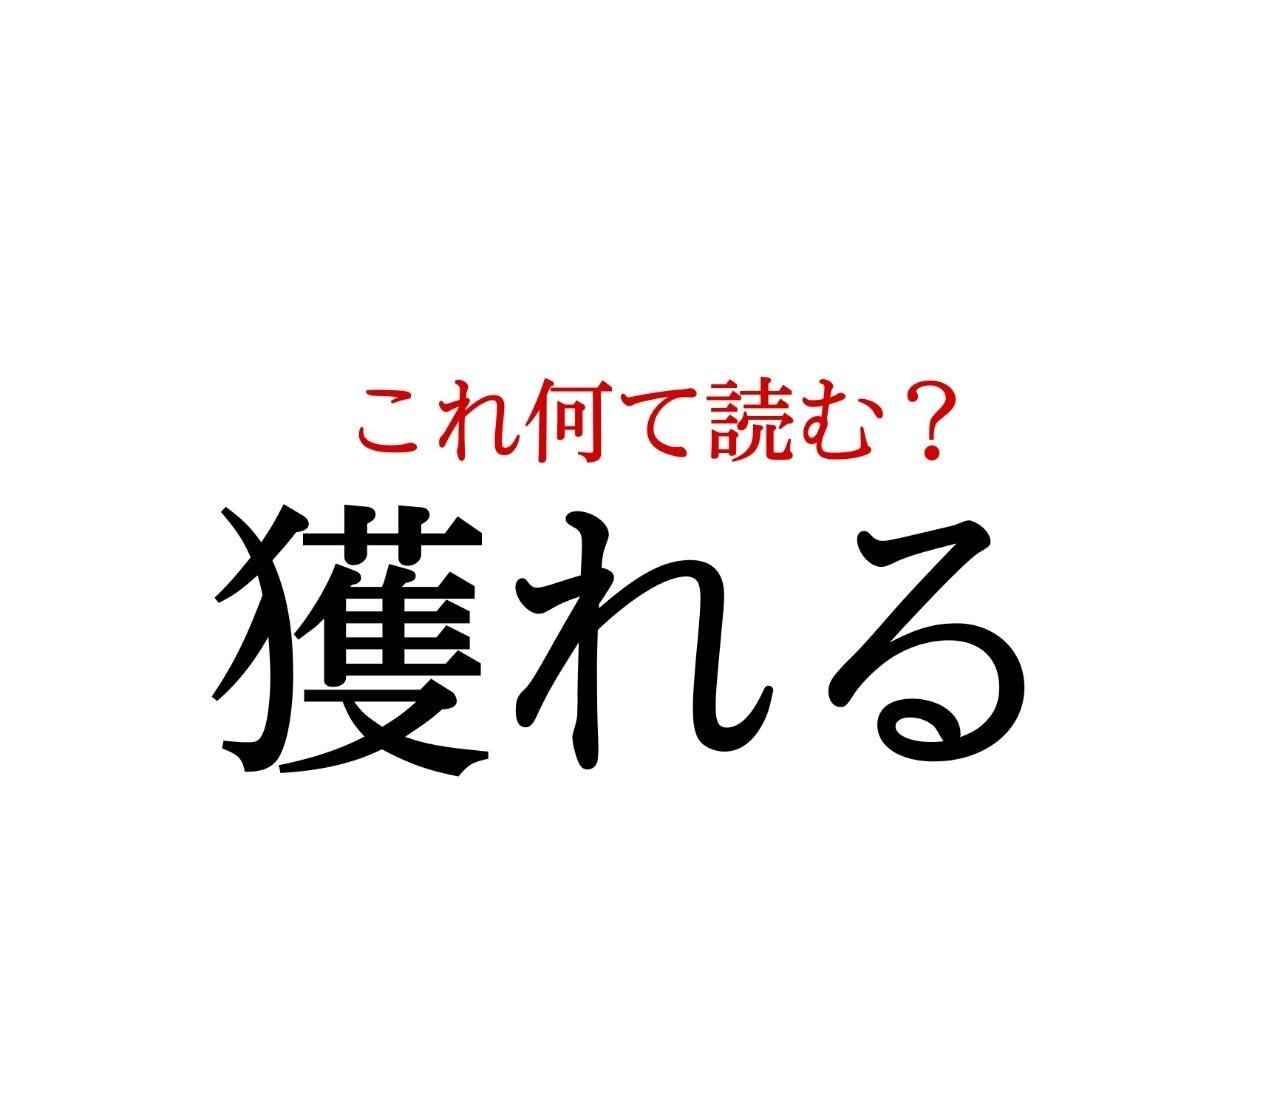 「獲れる」:この漢字、自信を持って読めますか?【働く大人の漢字クイズvol.274】